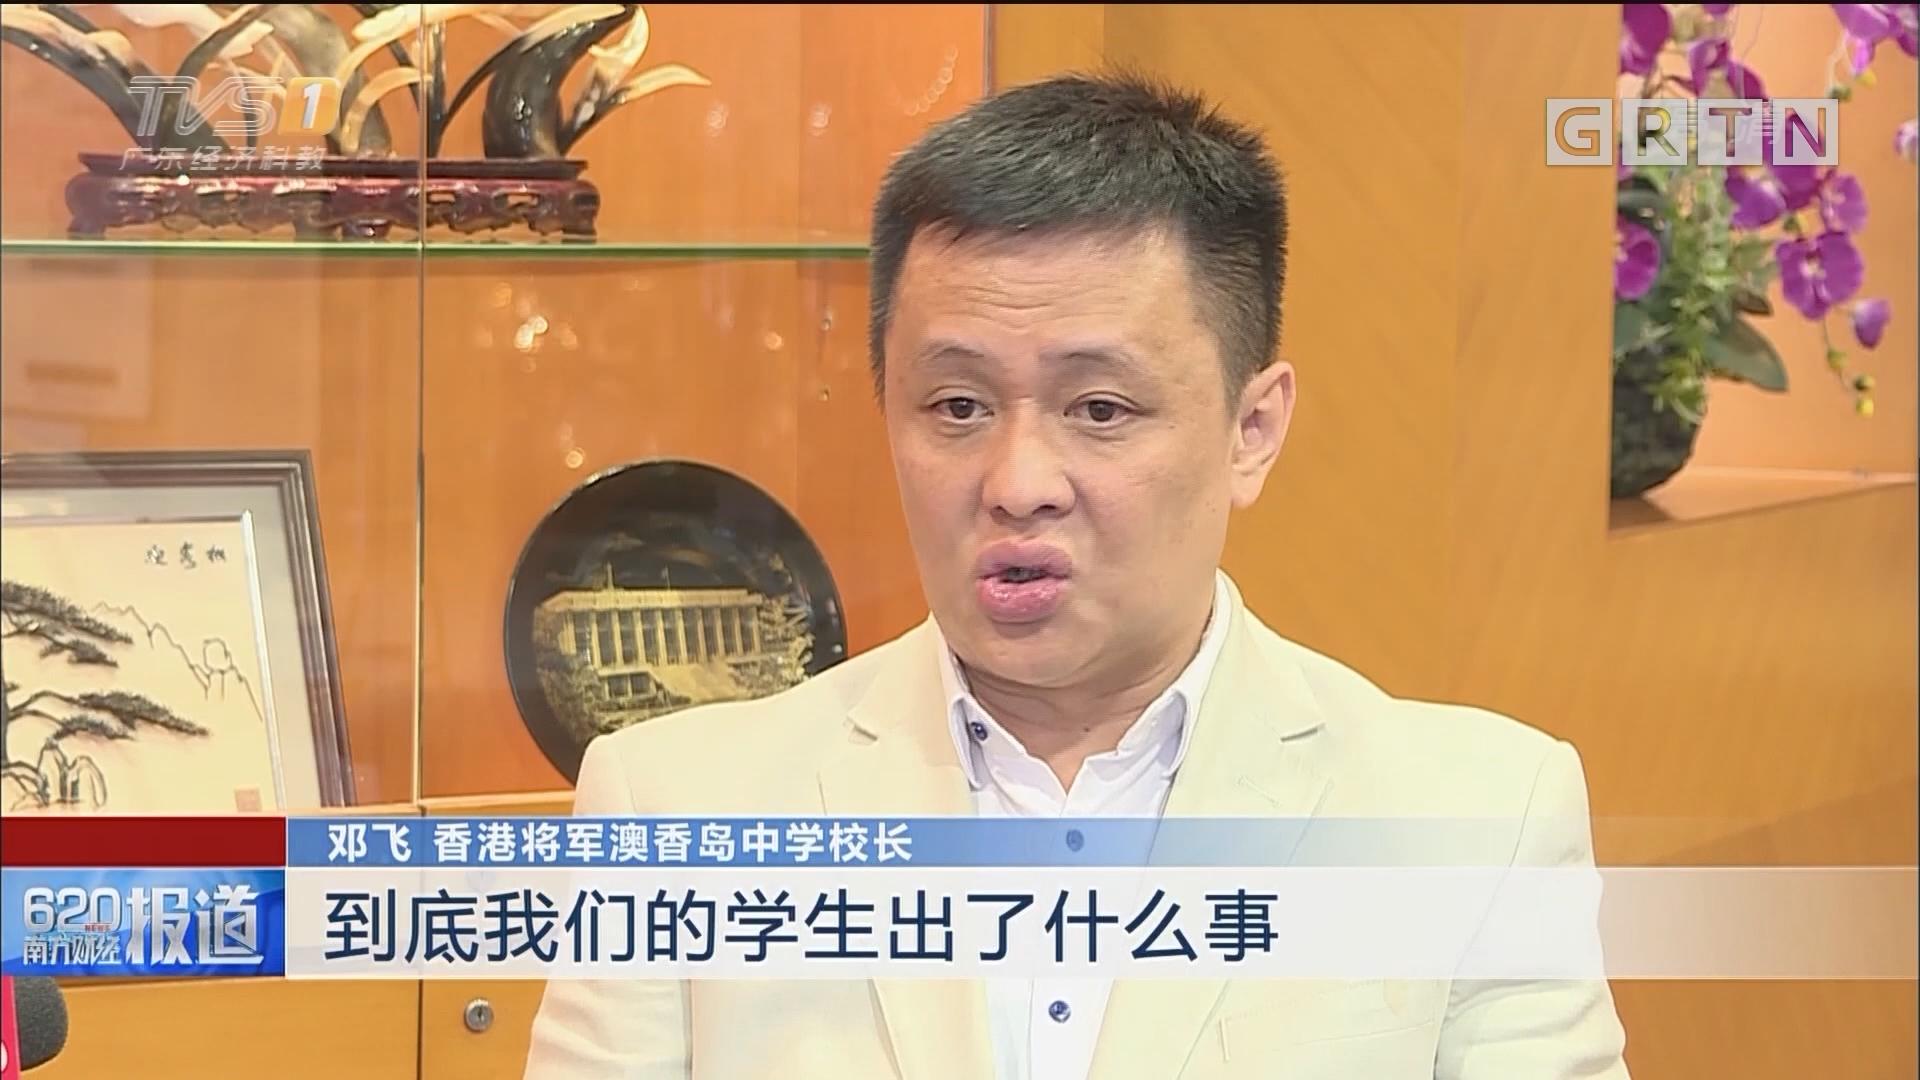 香港将军澳香岛中学校长邓飞:加强香港青少年国民教育